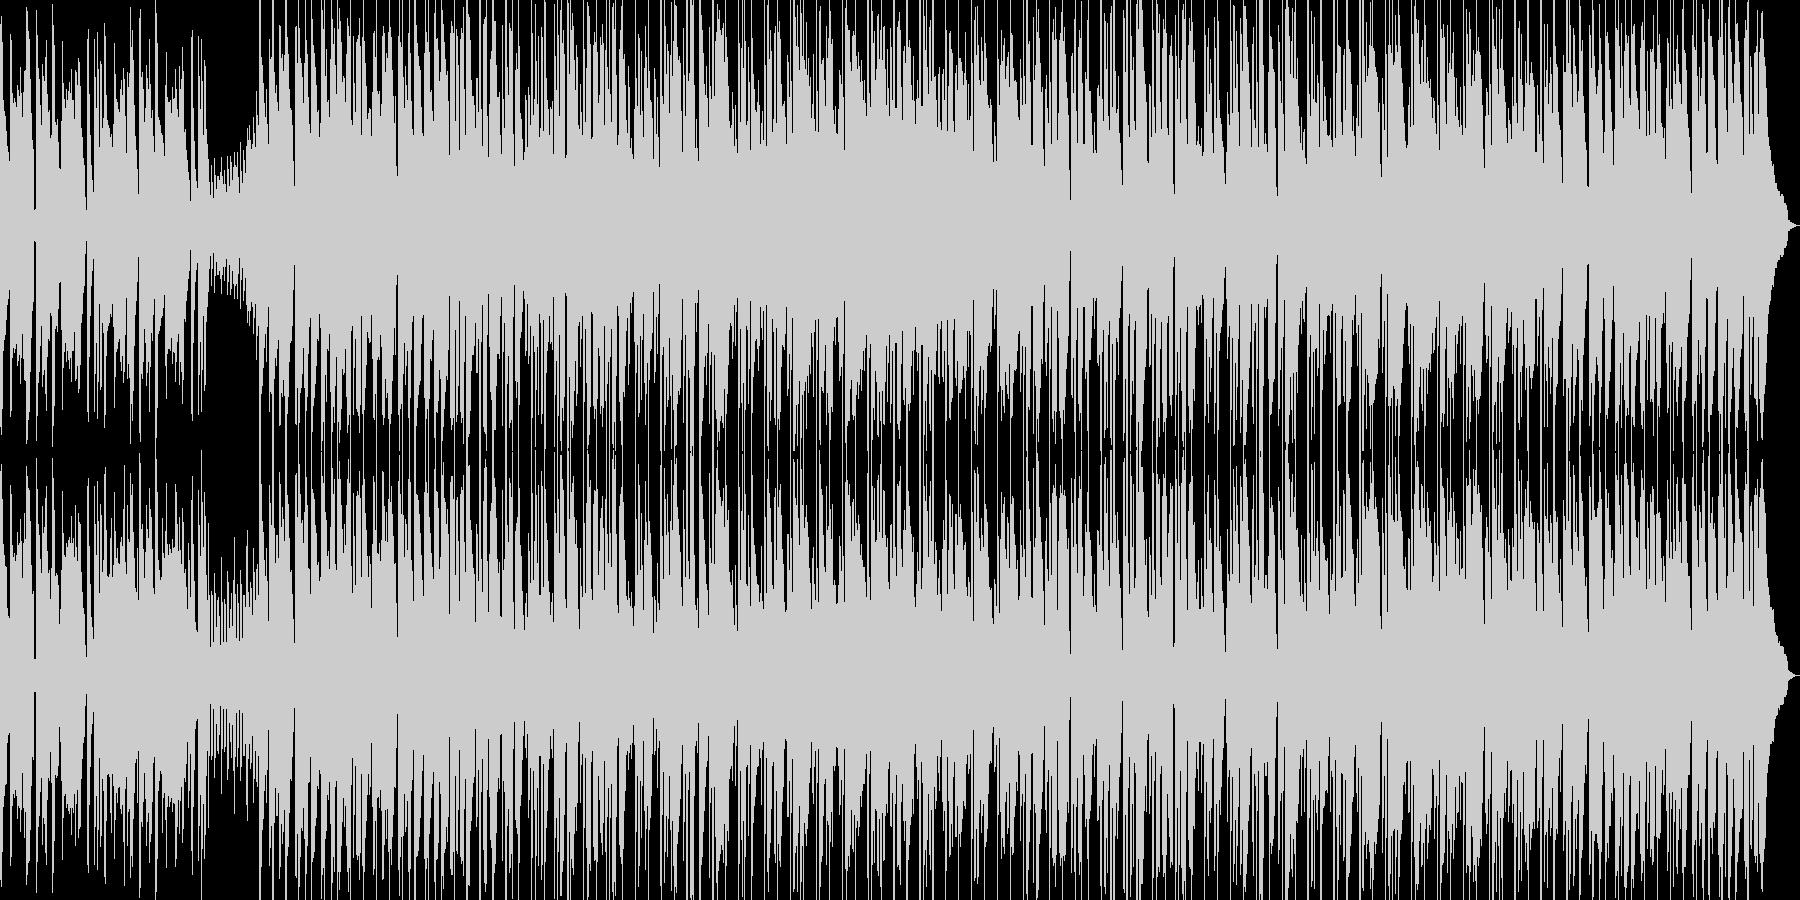 口笛とウクレレ、まったりポップスの未再生の波形